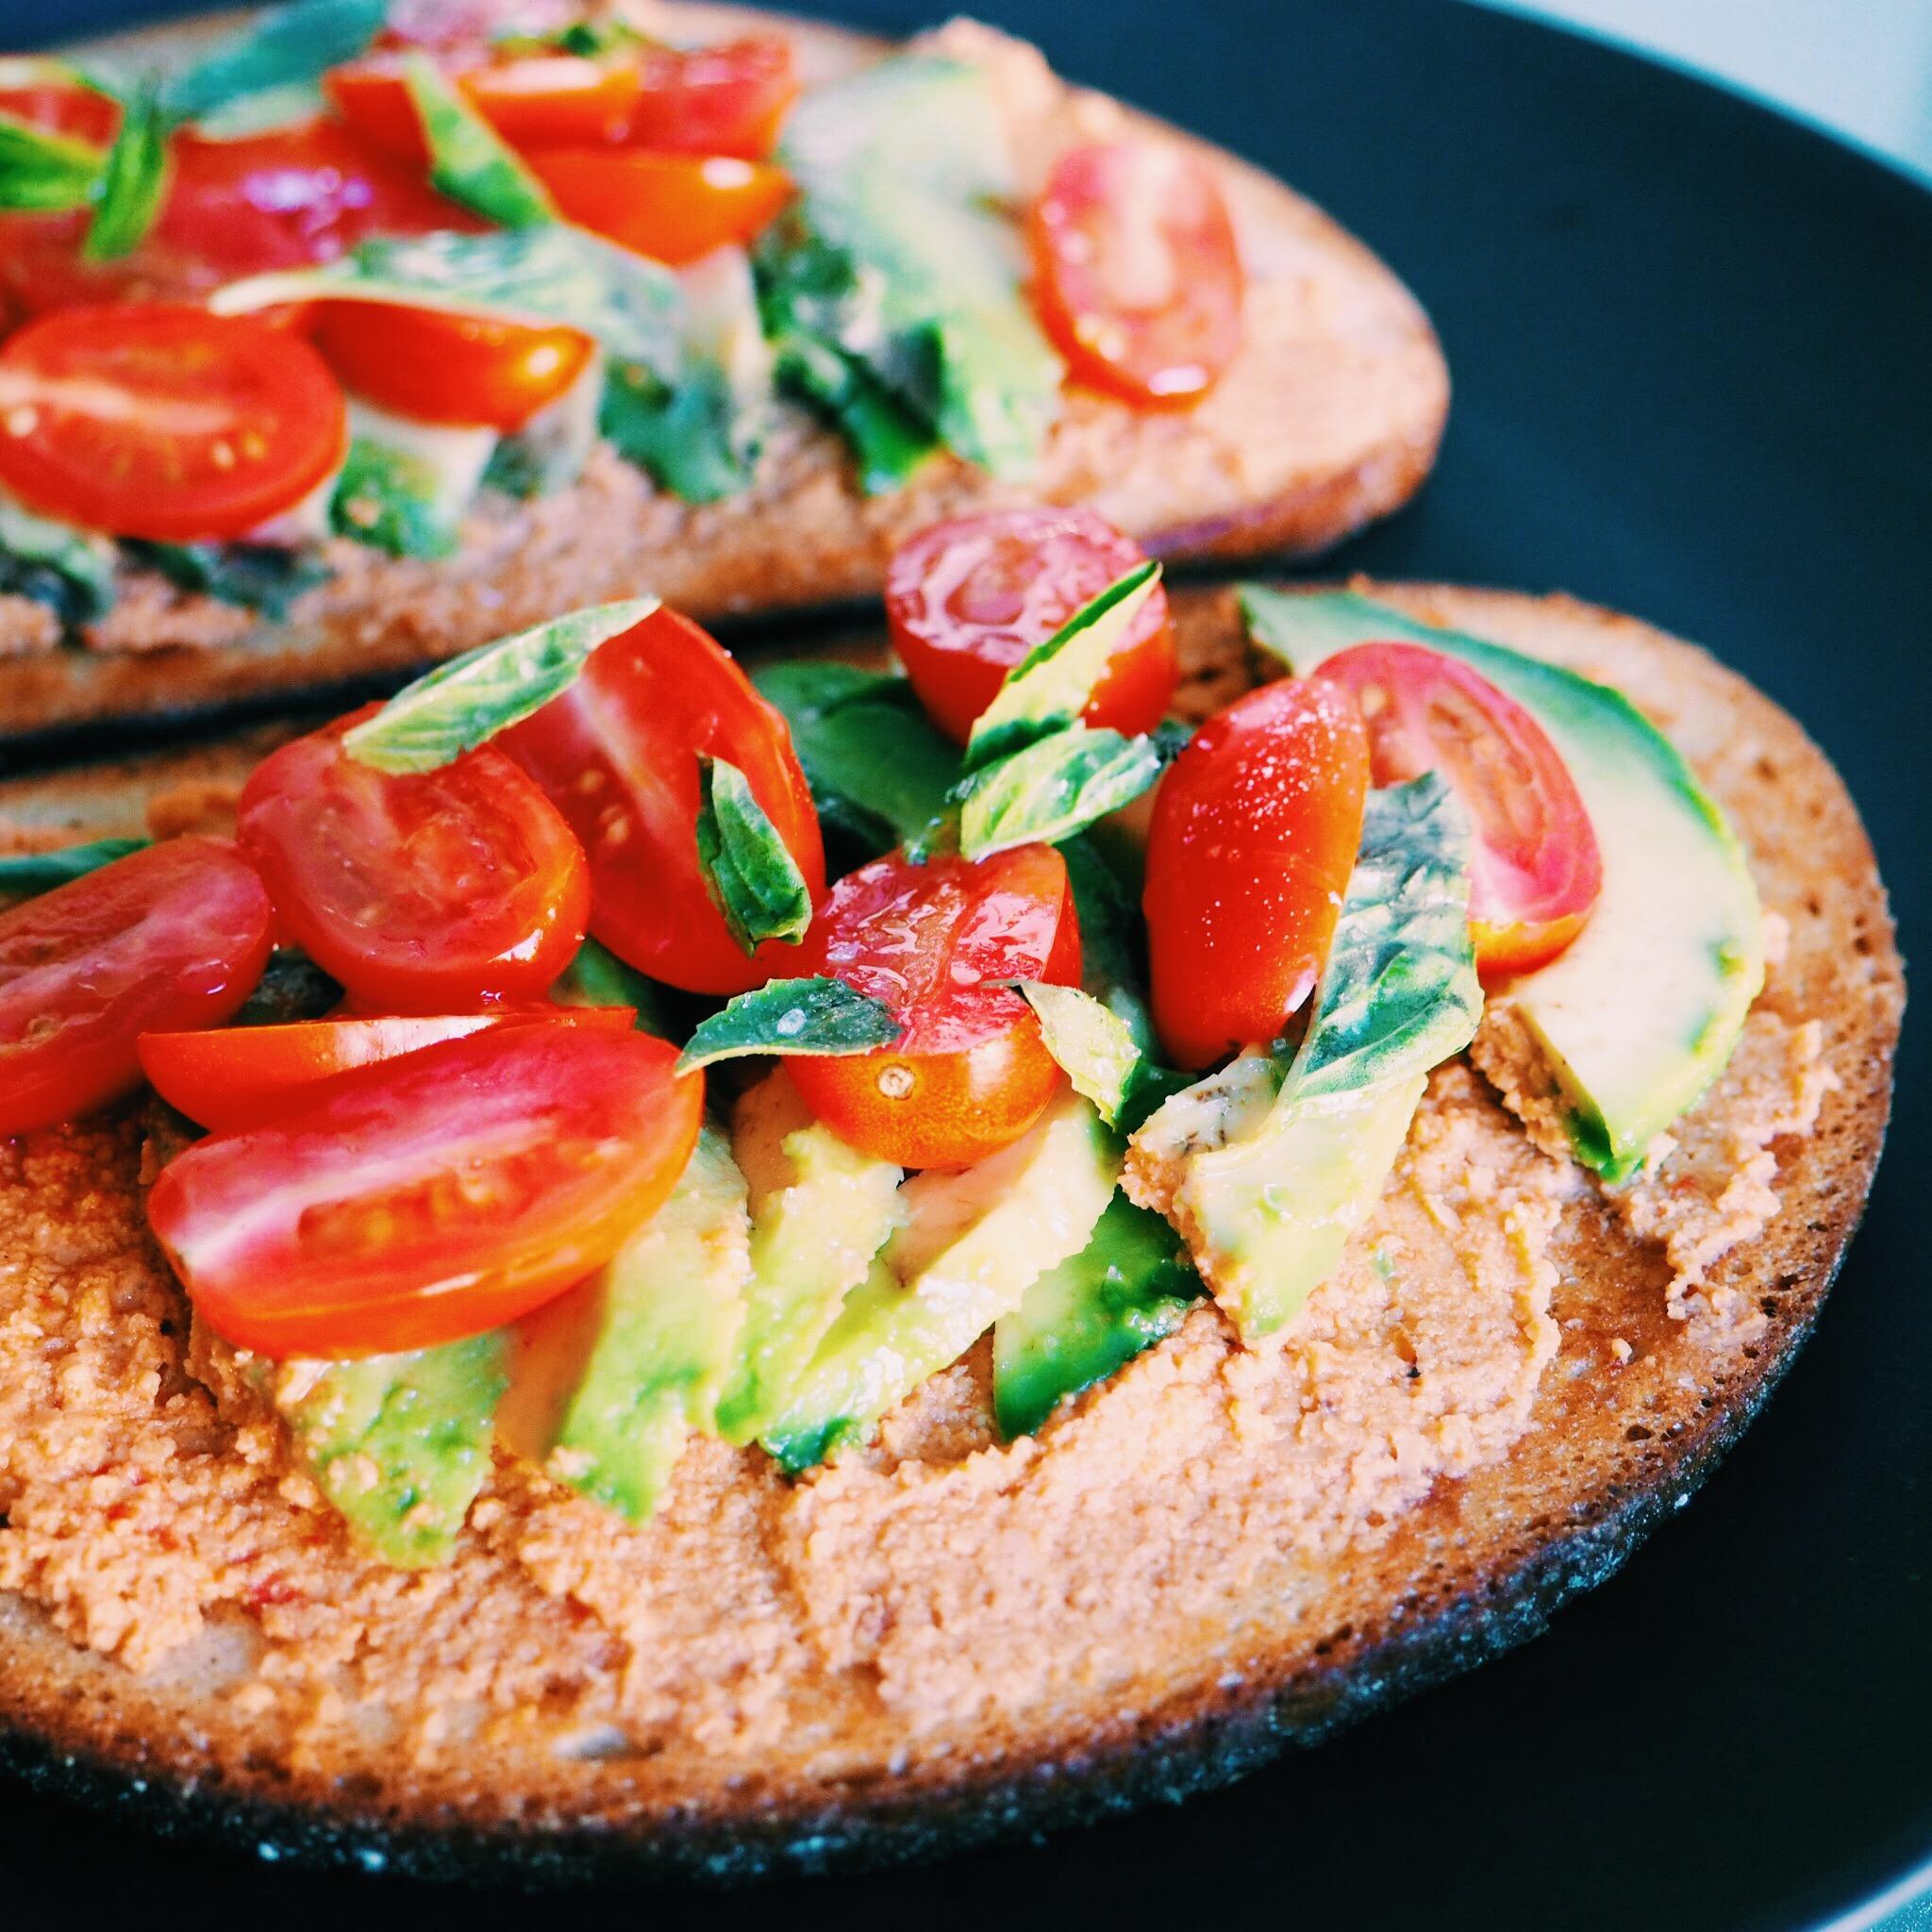 Hummus Avocado Tomato Toast